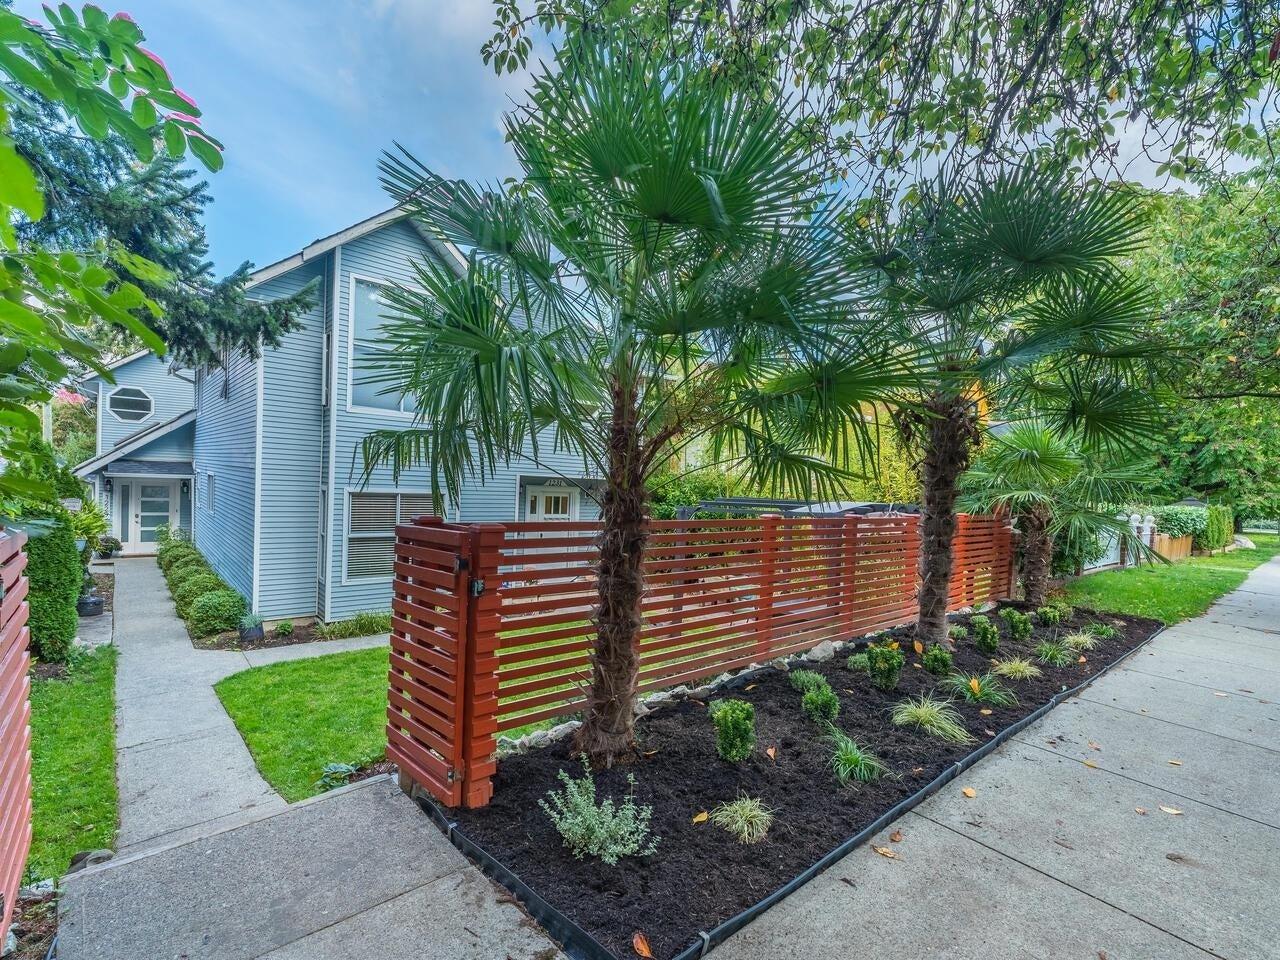 1231 E 11TH AVENUE - Mount Pleasant VE 1/2 Duplex for sale, 3 Bedrooms (R2625828) - #1